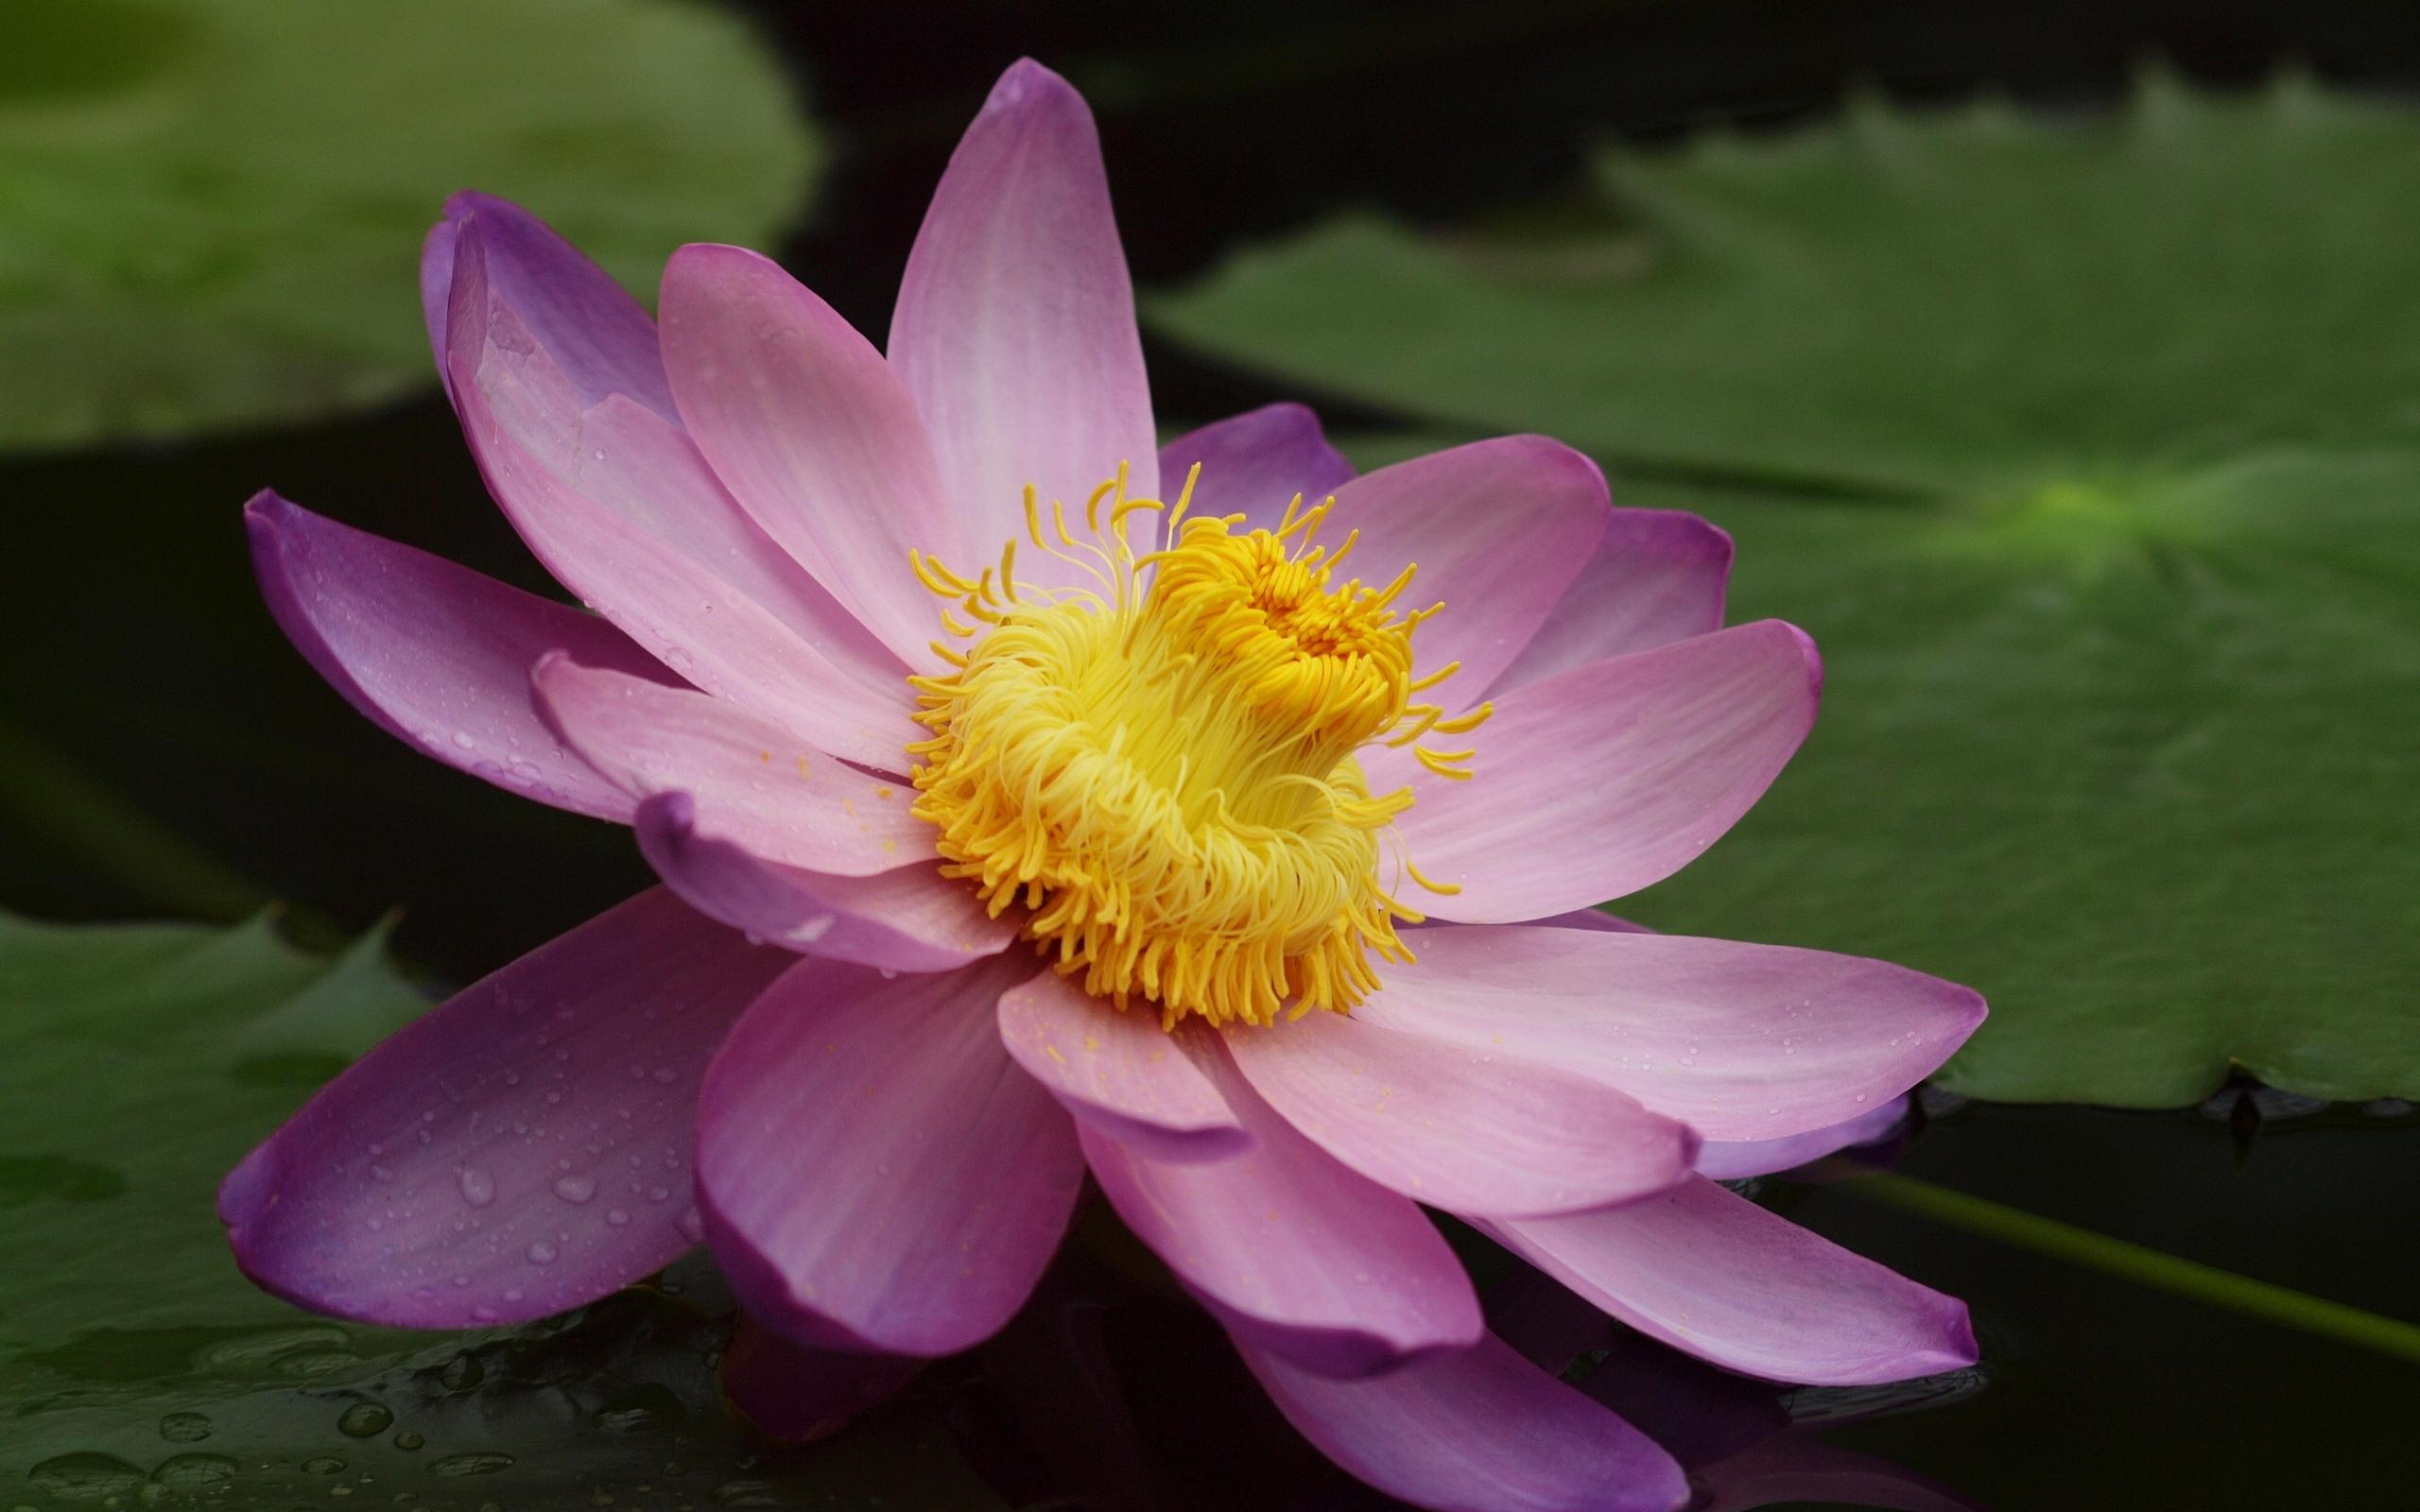 Картинка: Цветок, лотос, розовый, листья, вода